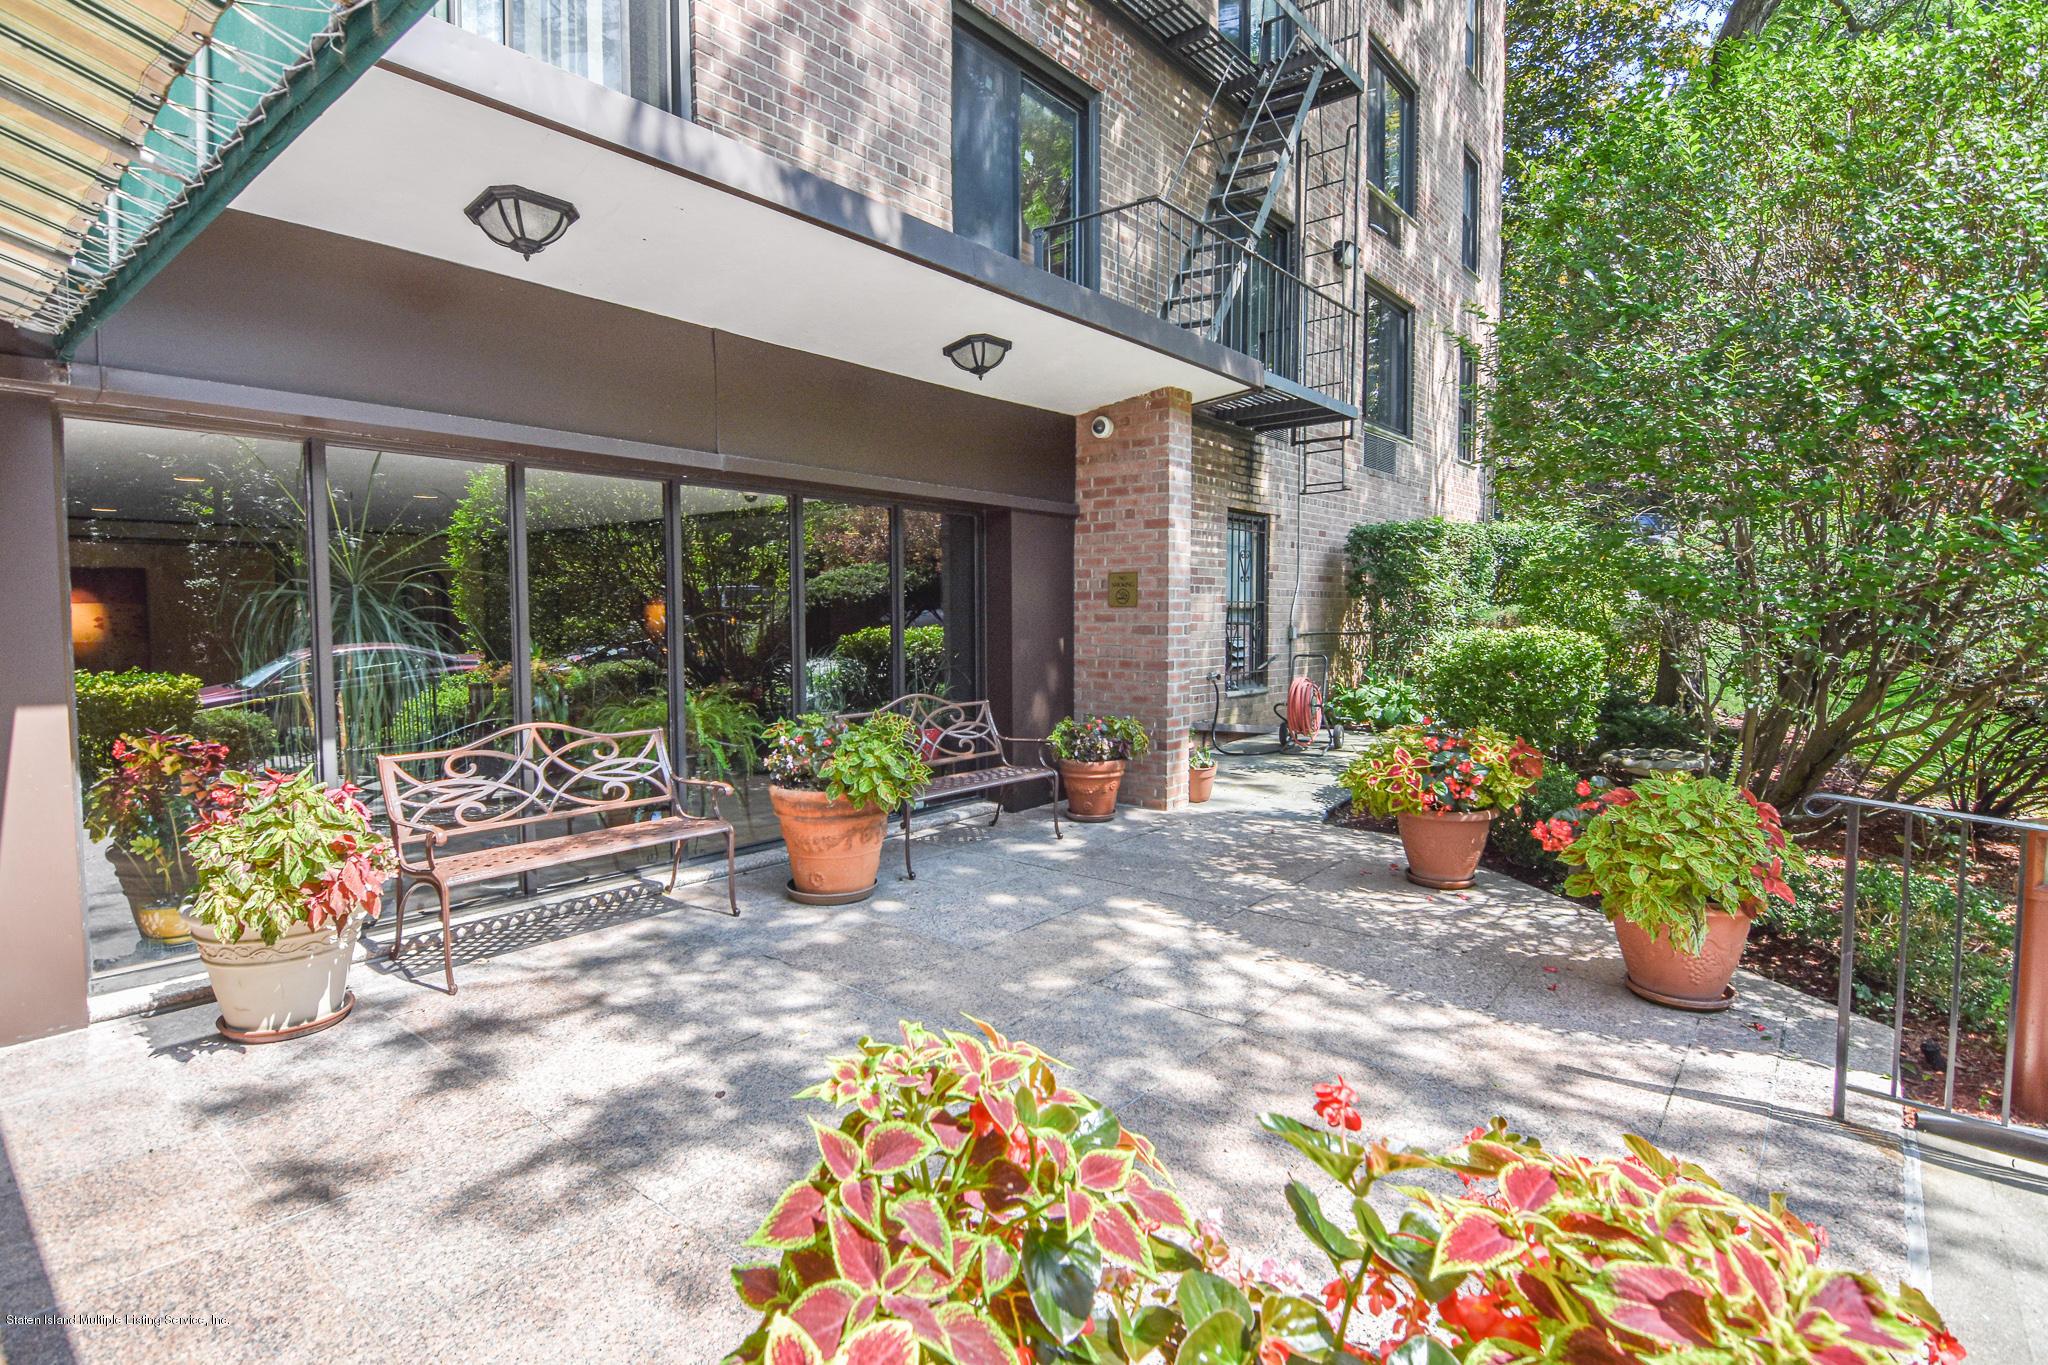 Condo in Grymes Hill - 830 Howard Avenue 1e  Staten Island, NY 10301